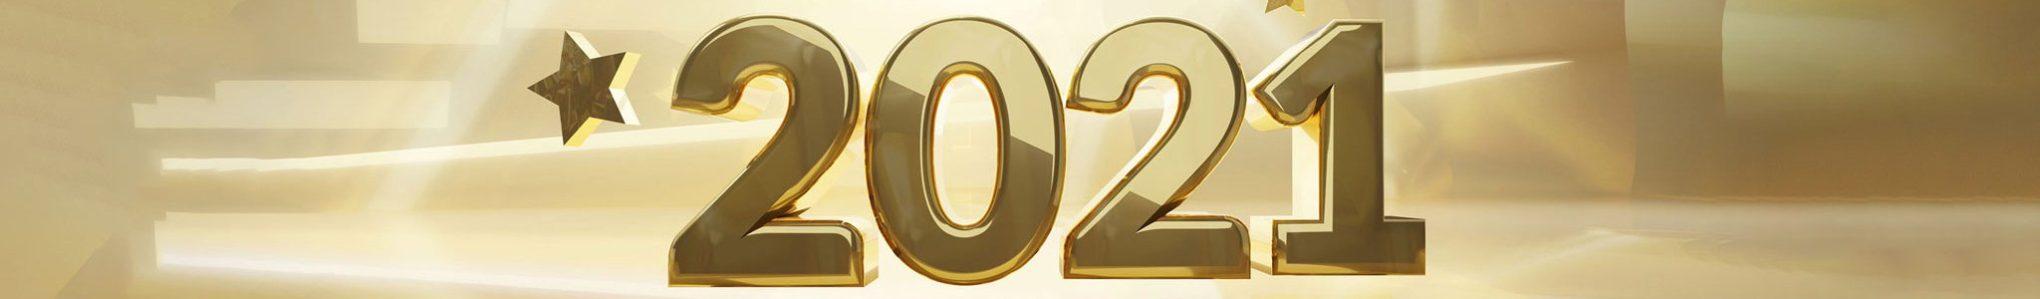 Happy 2021 from Devadigm, a Cape Cod Web Developer